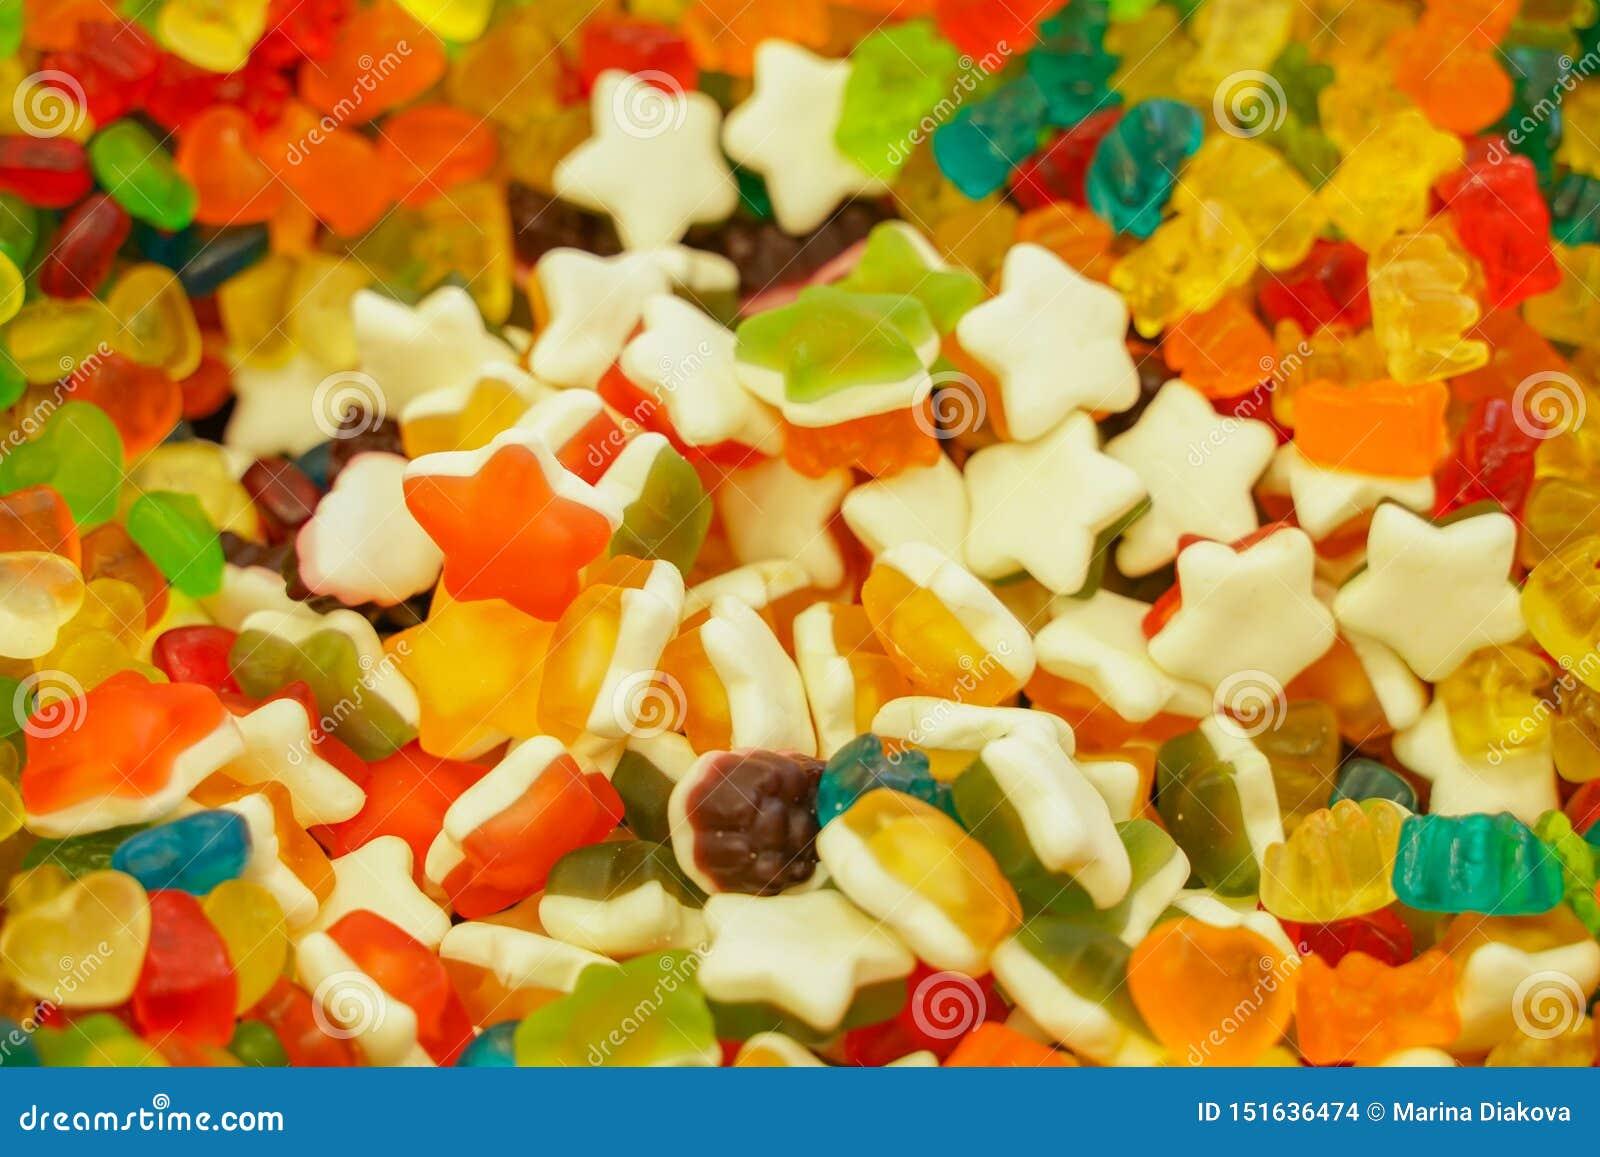 Heerlijke multi-colored fruitmarmelade ongezond helder suikergoed in massa verschillende dichte geleifoto smakelijke snoepjes in